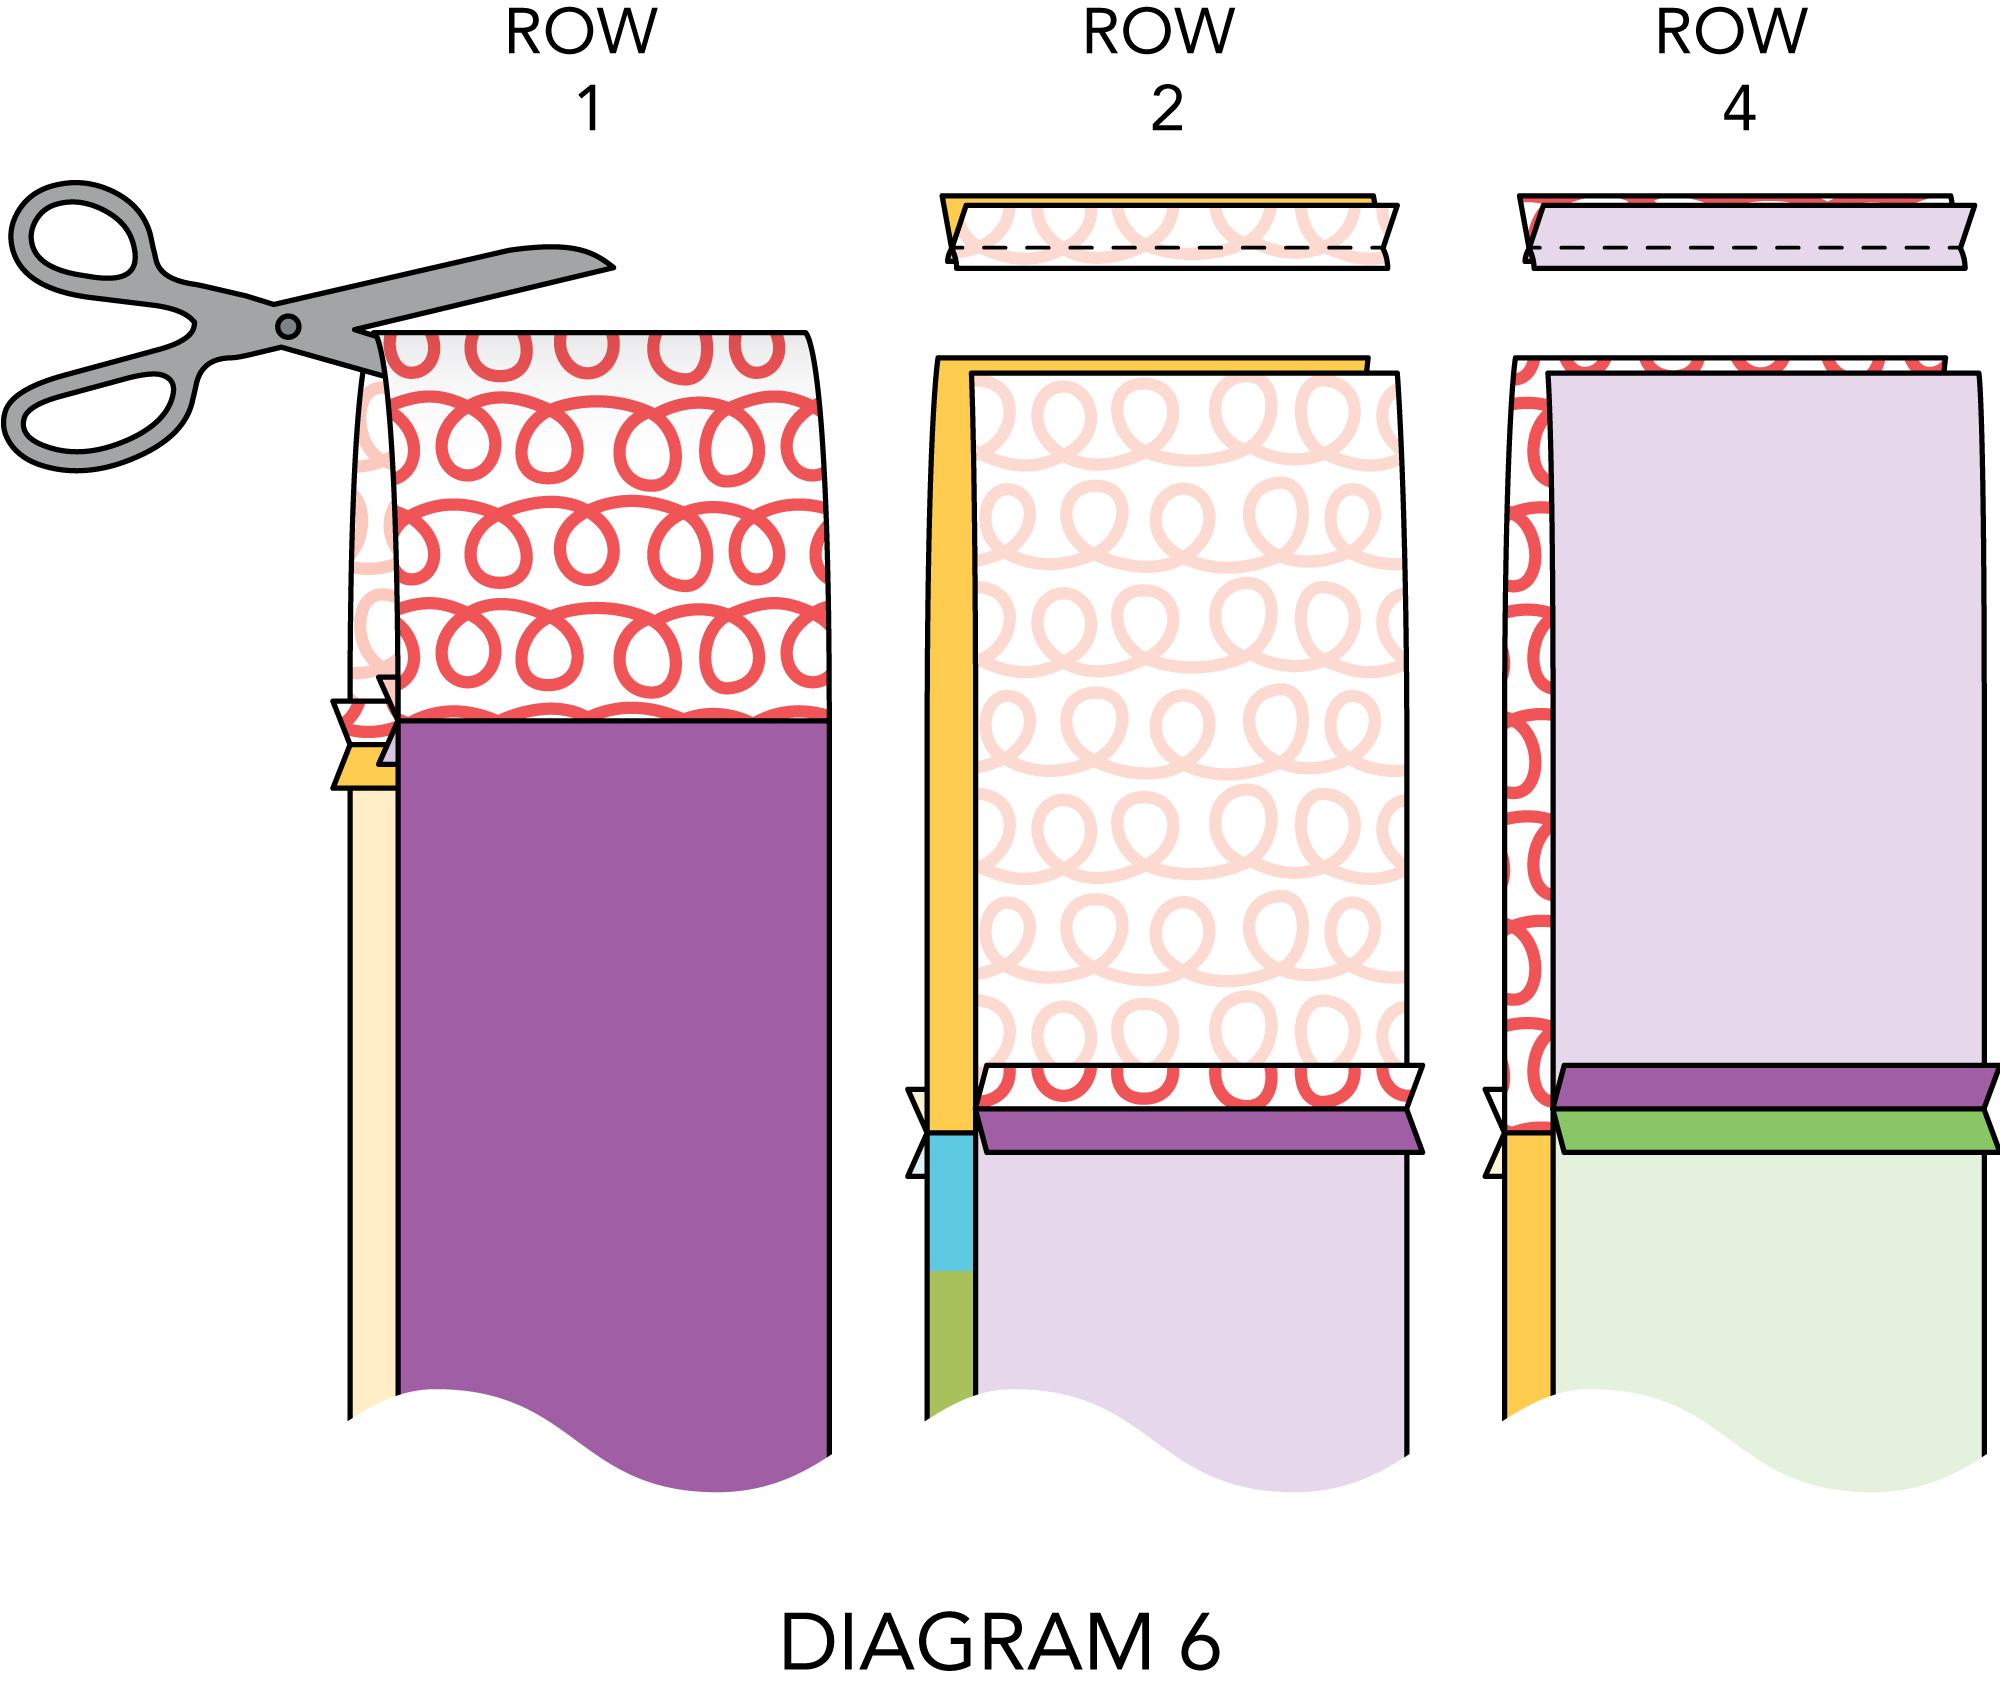 Quake diagram 6